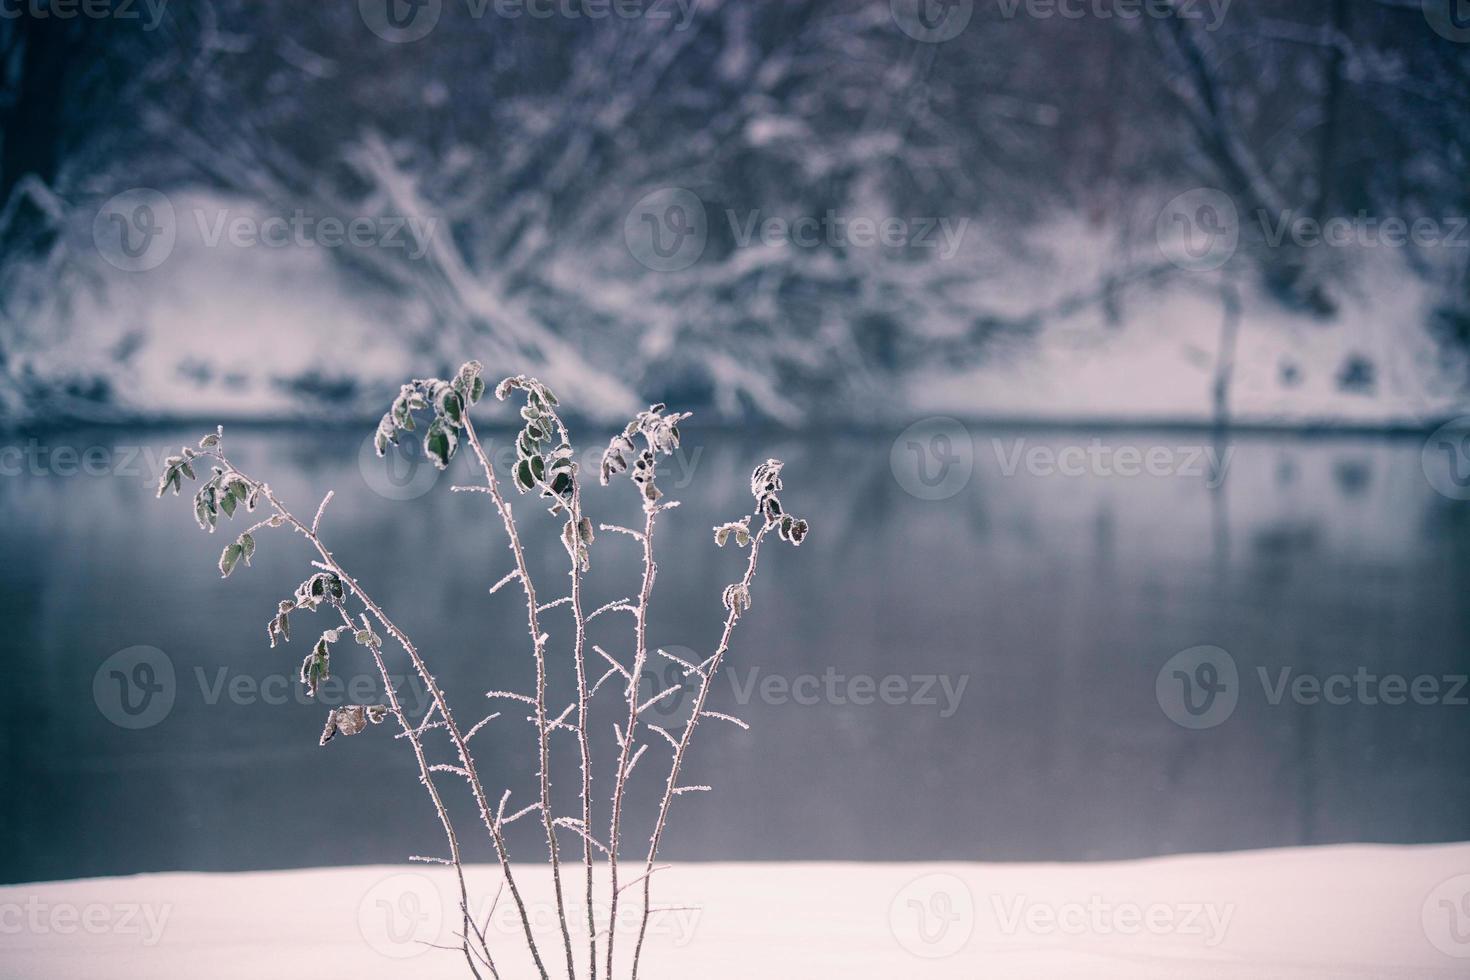 Schnee und Winter. Weißrussland Dorf, Landschaft im Winter foto